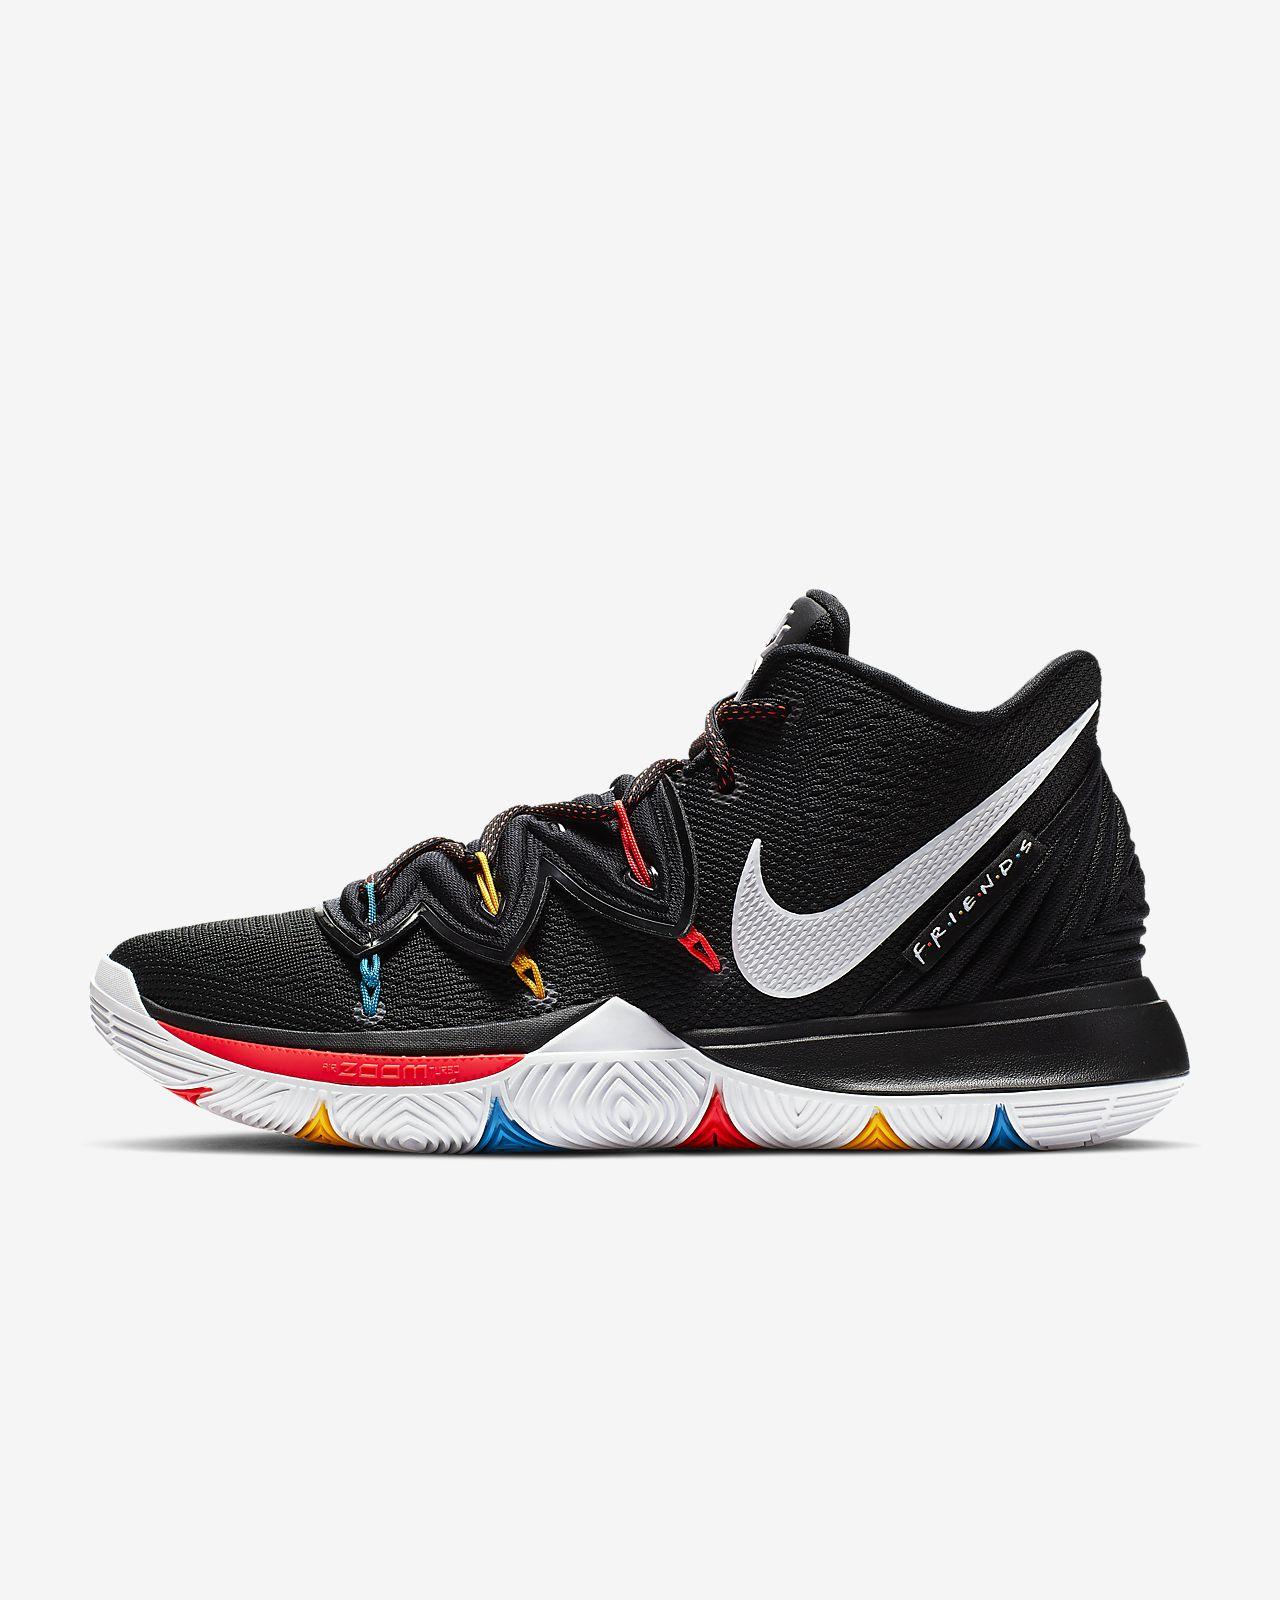 Chaussure de basketball Kyrie 5 x Friends